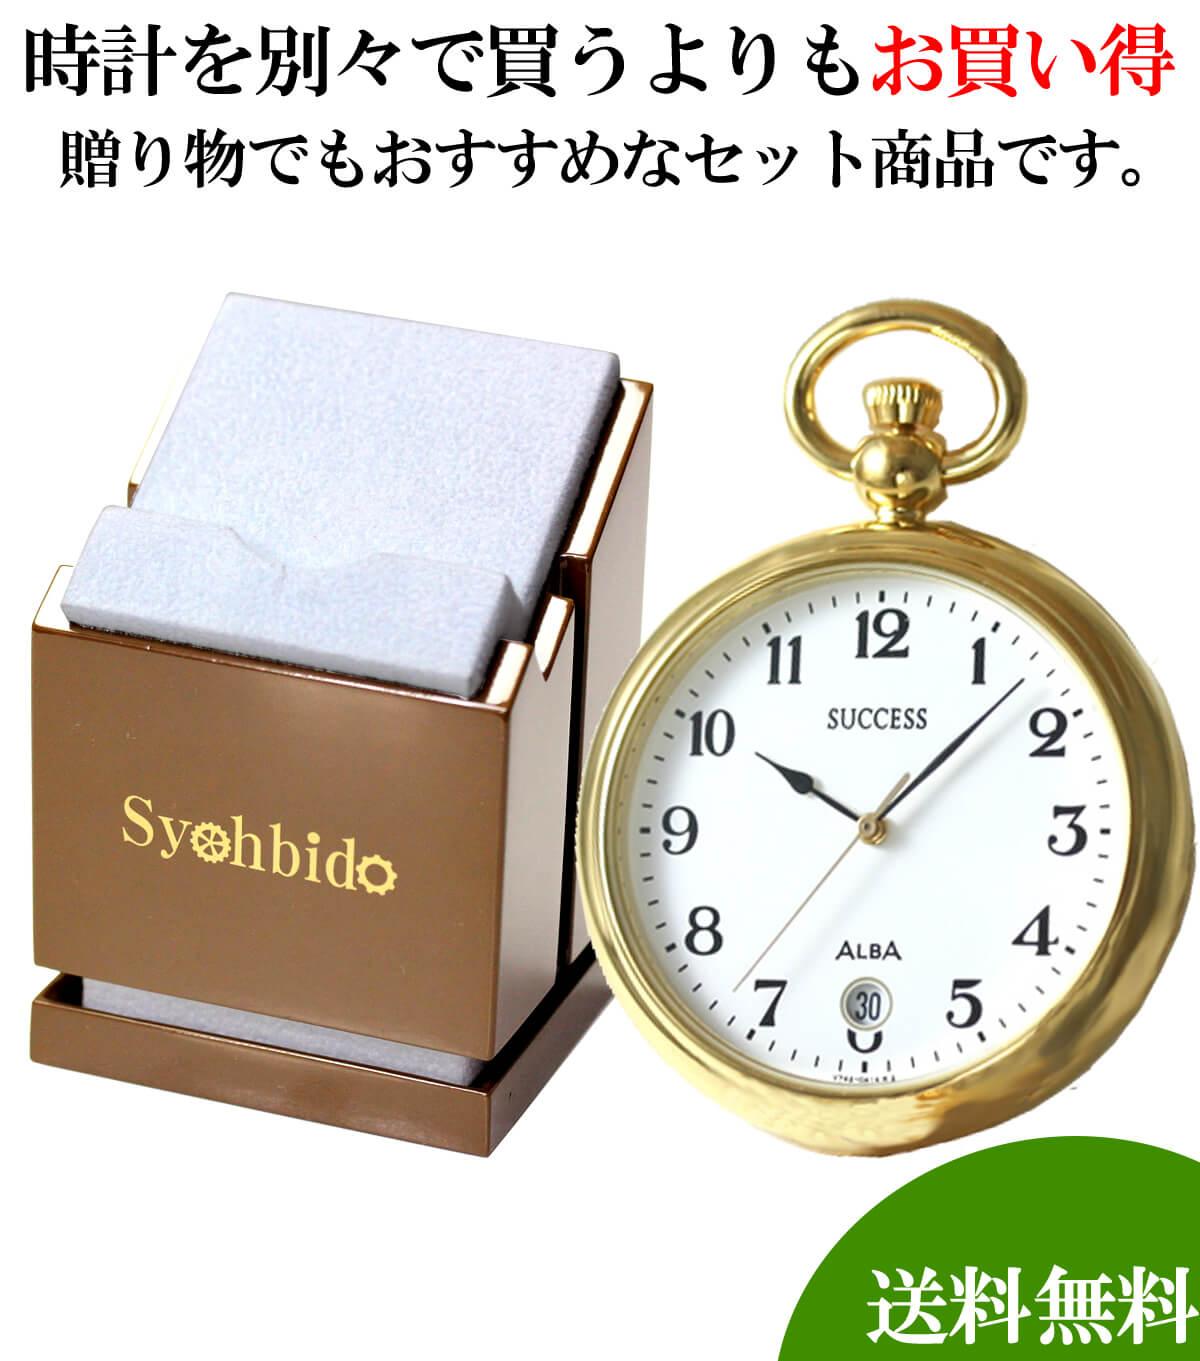 懐中時計と懐中時計専用スタンドのセット aabu004